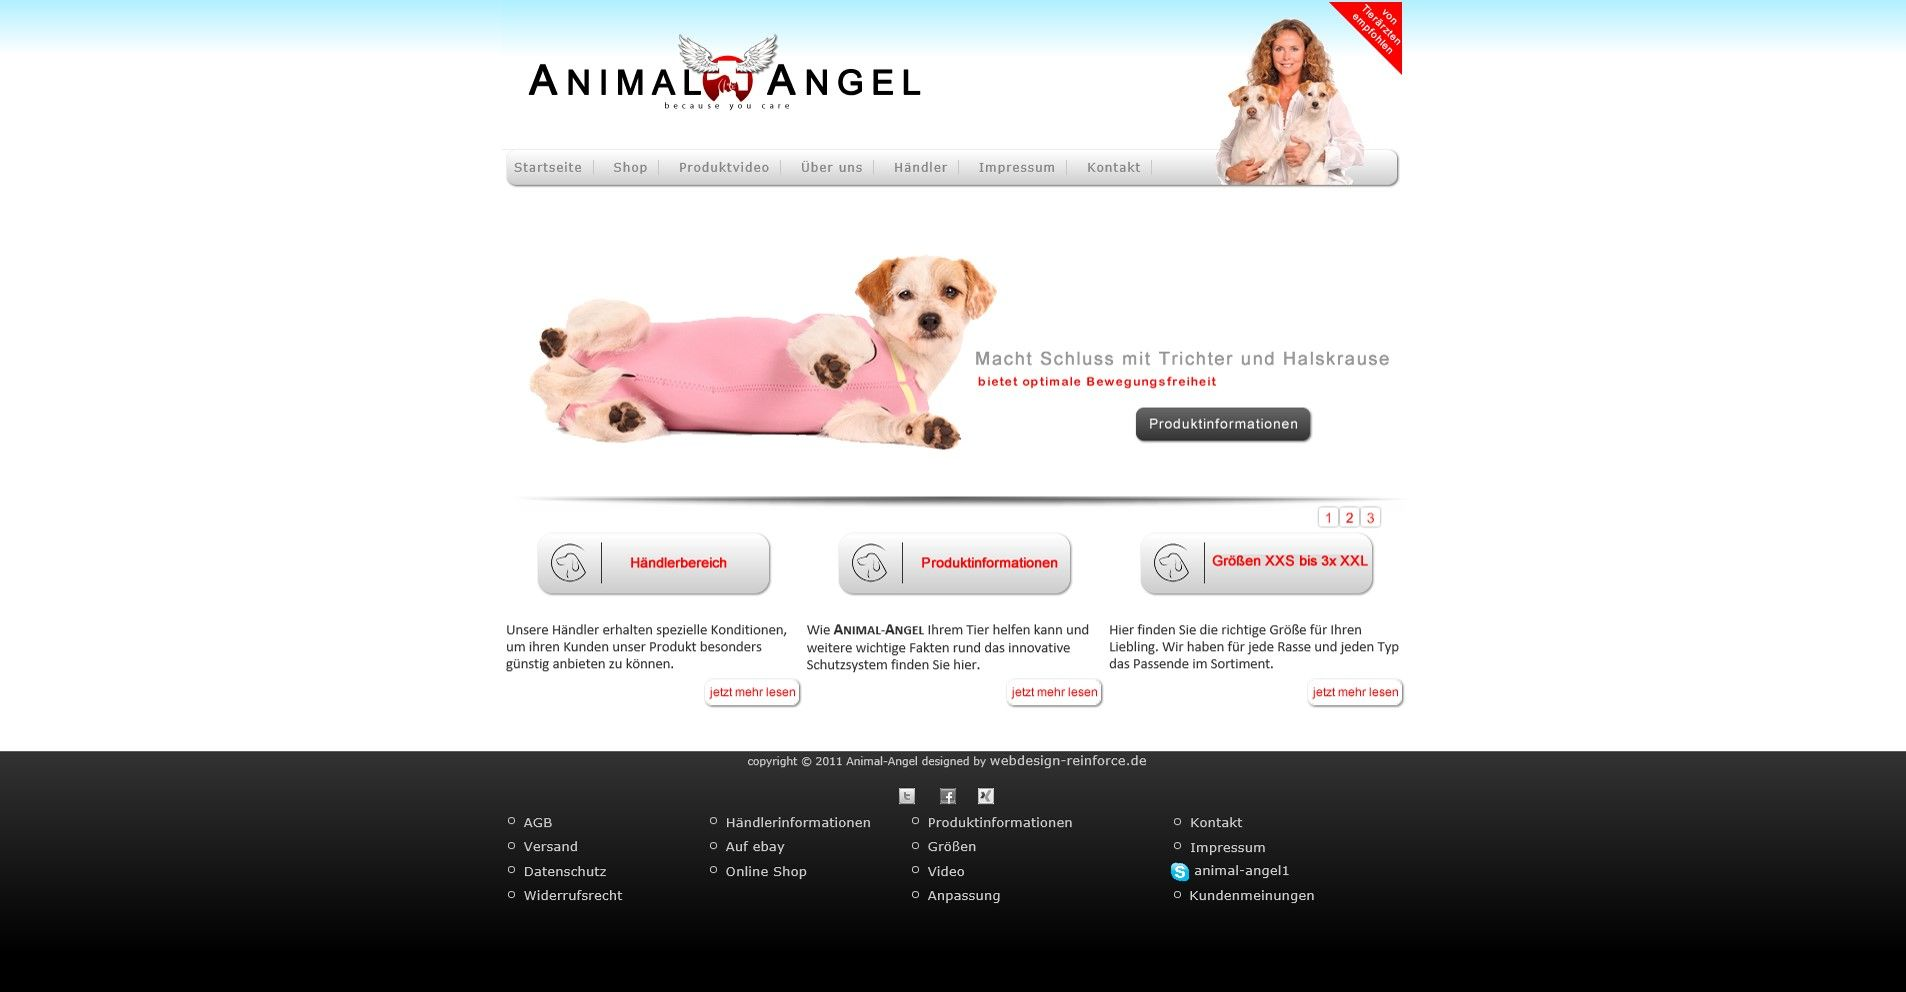 animal-angel.de wurde auf Joomla erstellt und anhand einer Opencart Vorlage angepasst. Eine Moderne Internetseite noch heute mit Downloadmöglichkeit und Videointegration (ohne Youtube) Das Produkt ist eine tolle Idee. Im Anschluss der Internetseite wurde ebenfalls noch ein Online-Shop beauftragt.